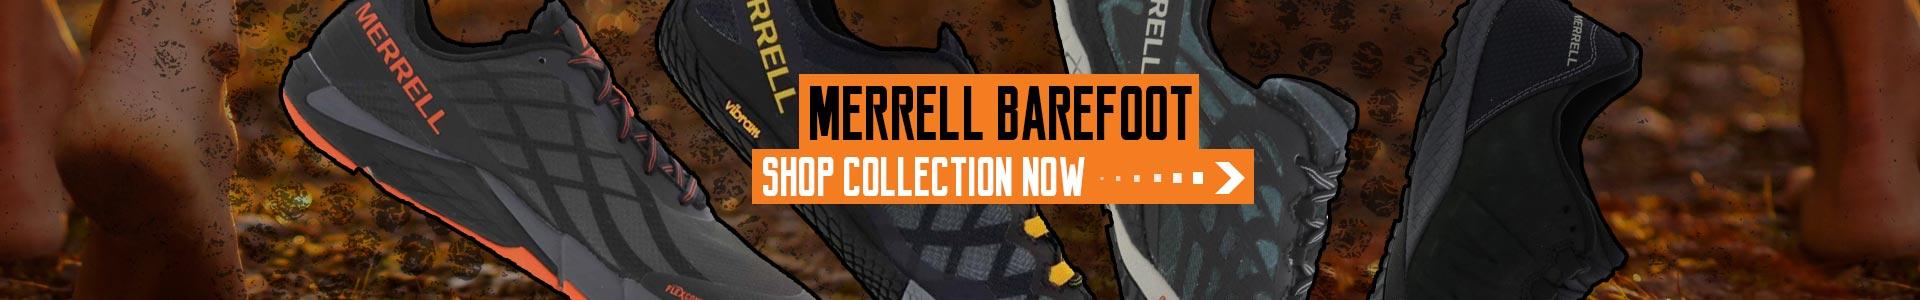 Shop Merrell Barefoot